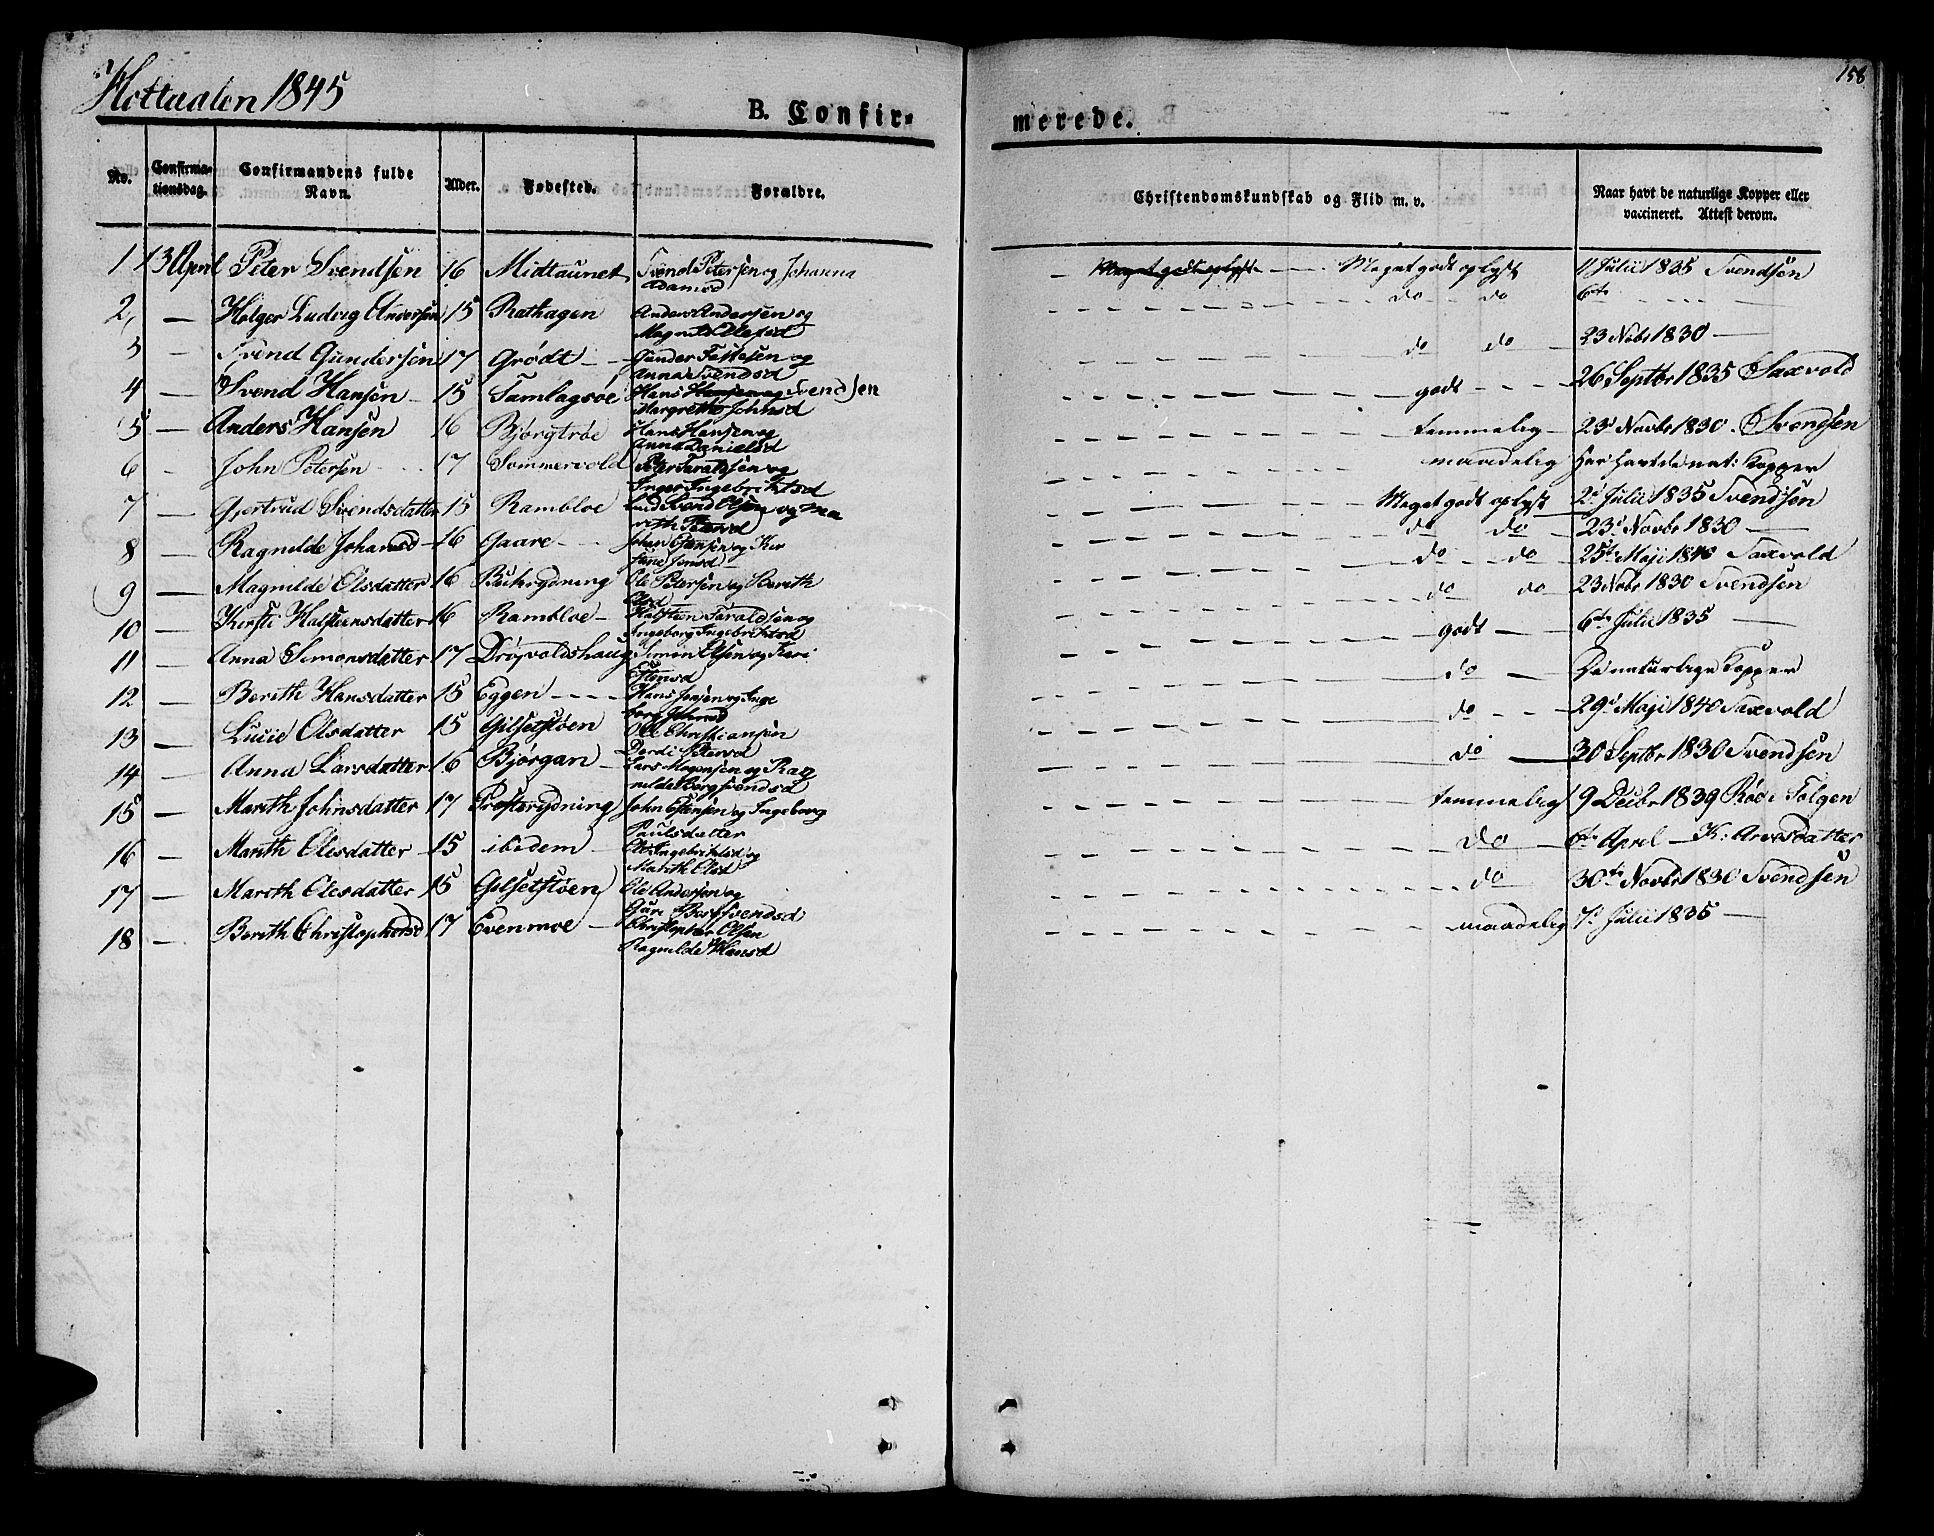 SAT, Ministerialprotokoller, klokkerbøker og fødselsregistre - Sør-Trøndelag, 685/L0957: Ministerialbok nr. 685A04 /1, 1829-1845, s. 158